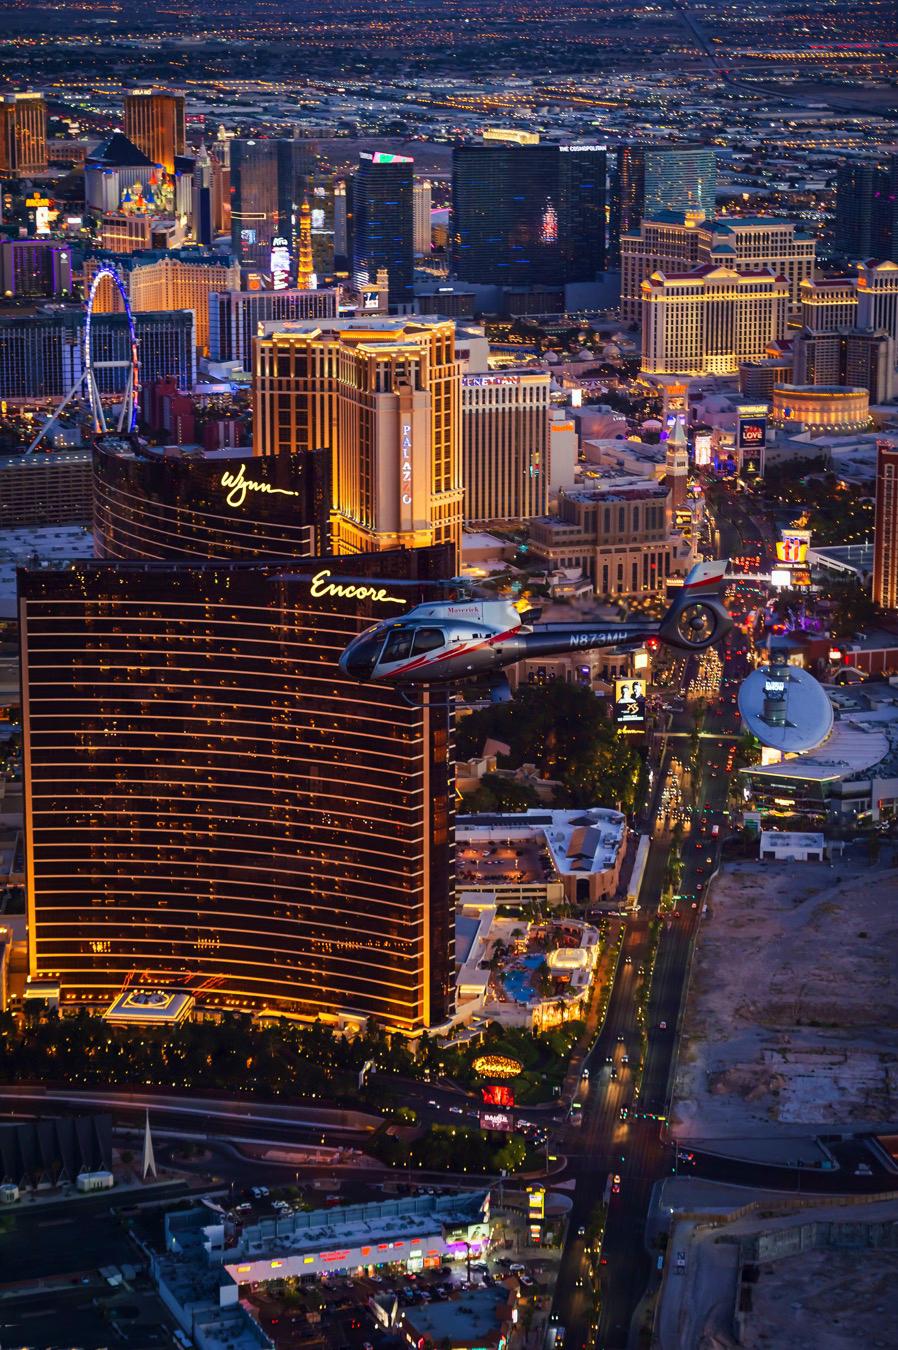 Vegas Nights -